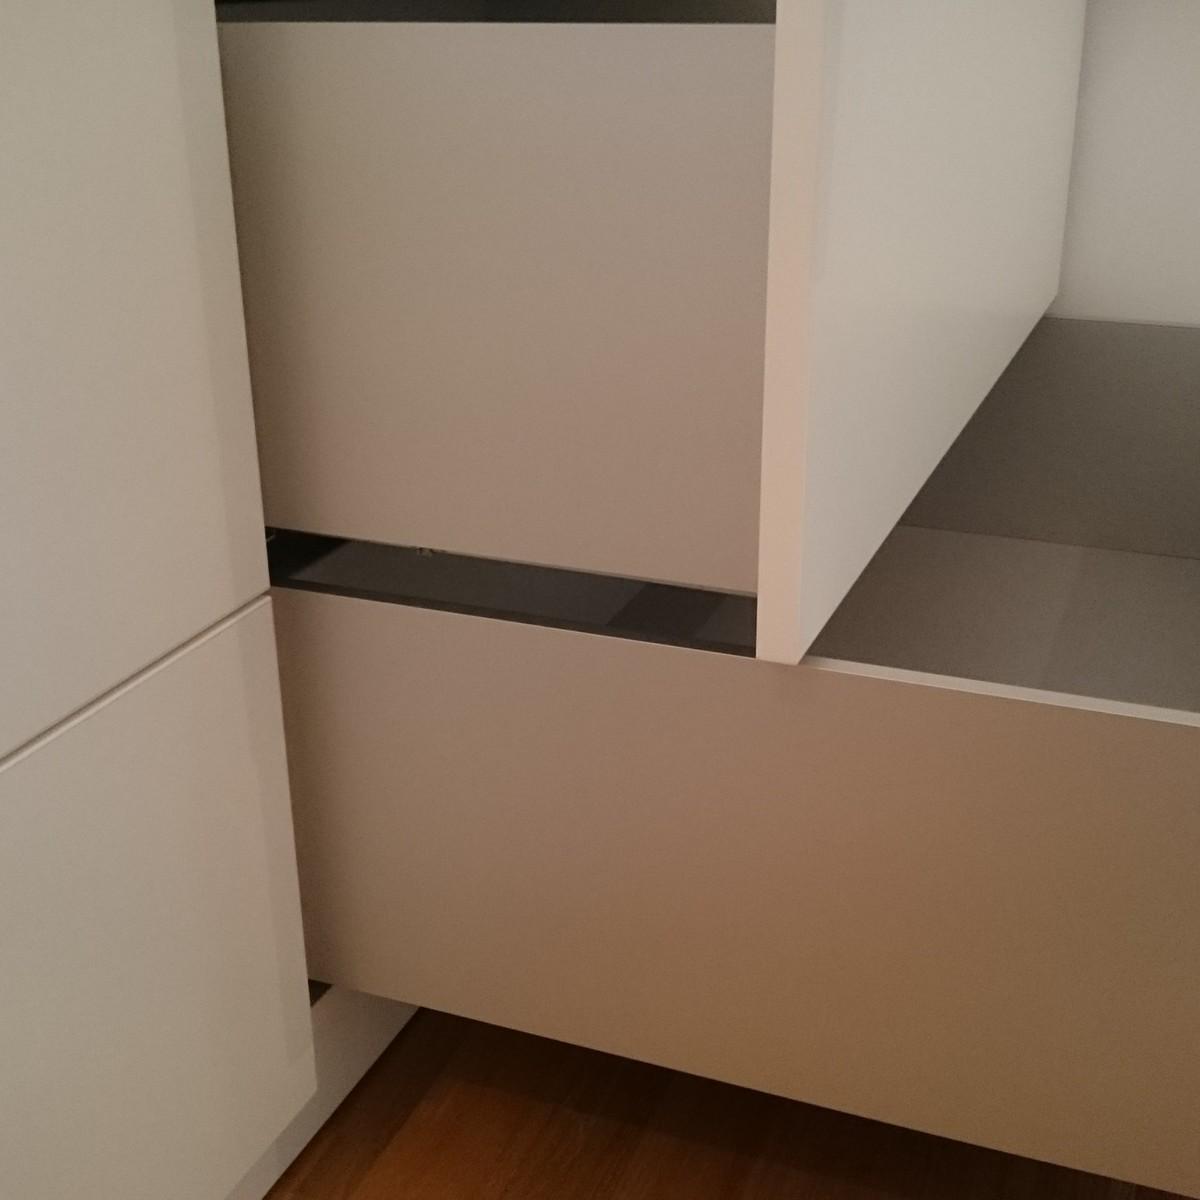 Garderobenschrank 3200x1830x600mm, top Qualität, Schubkästen von Hettich, Aluminium pur Zarten, alles push to open, Einbauen vom feinsten, Möbelhandwerk Michalak